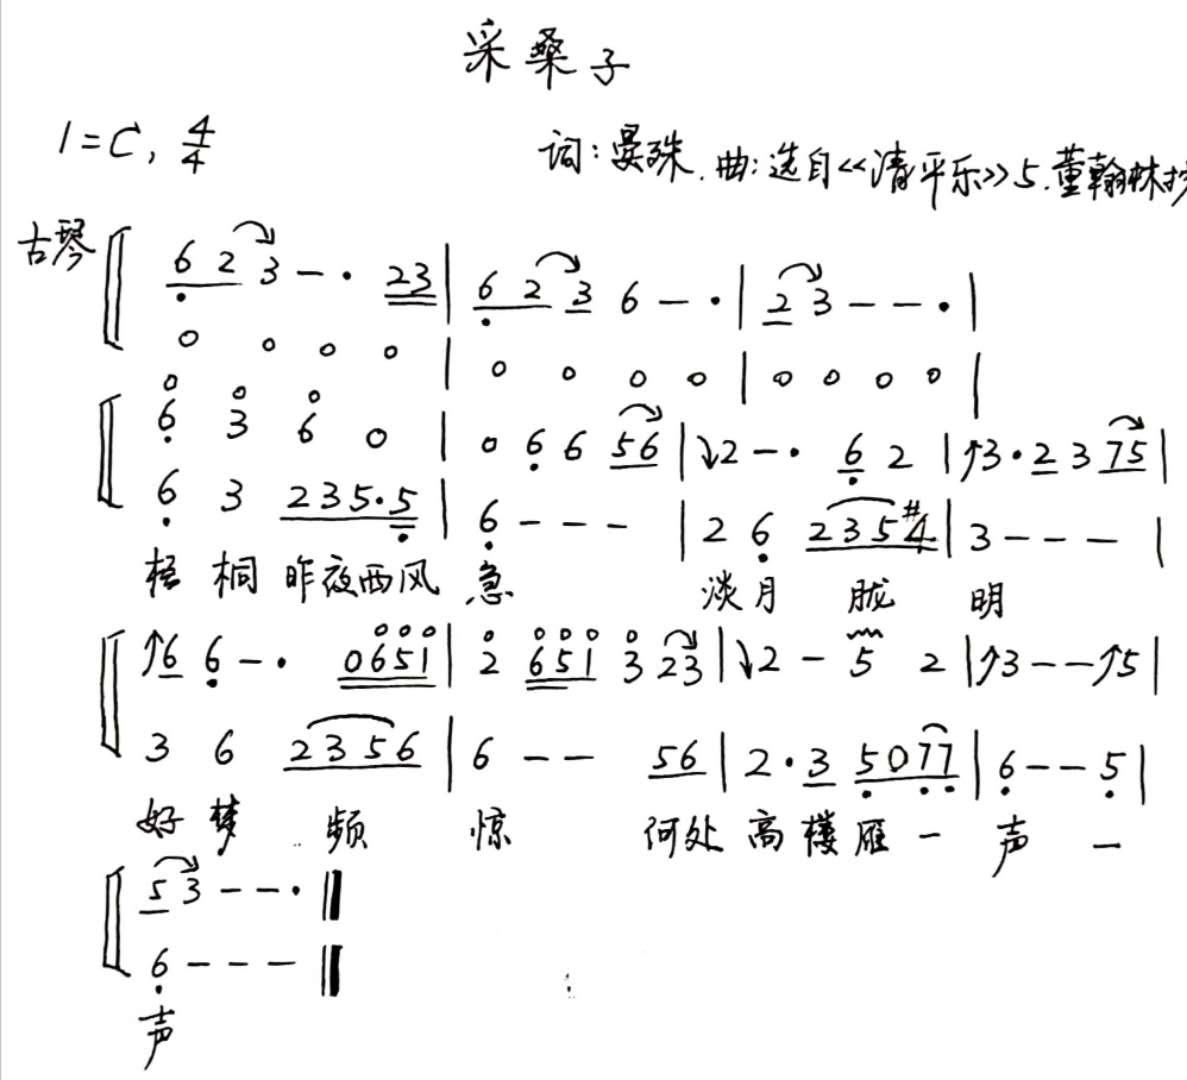 采桑子·时光只解催人老 晏殊 曲谱